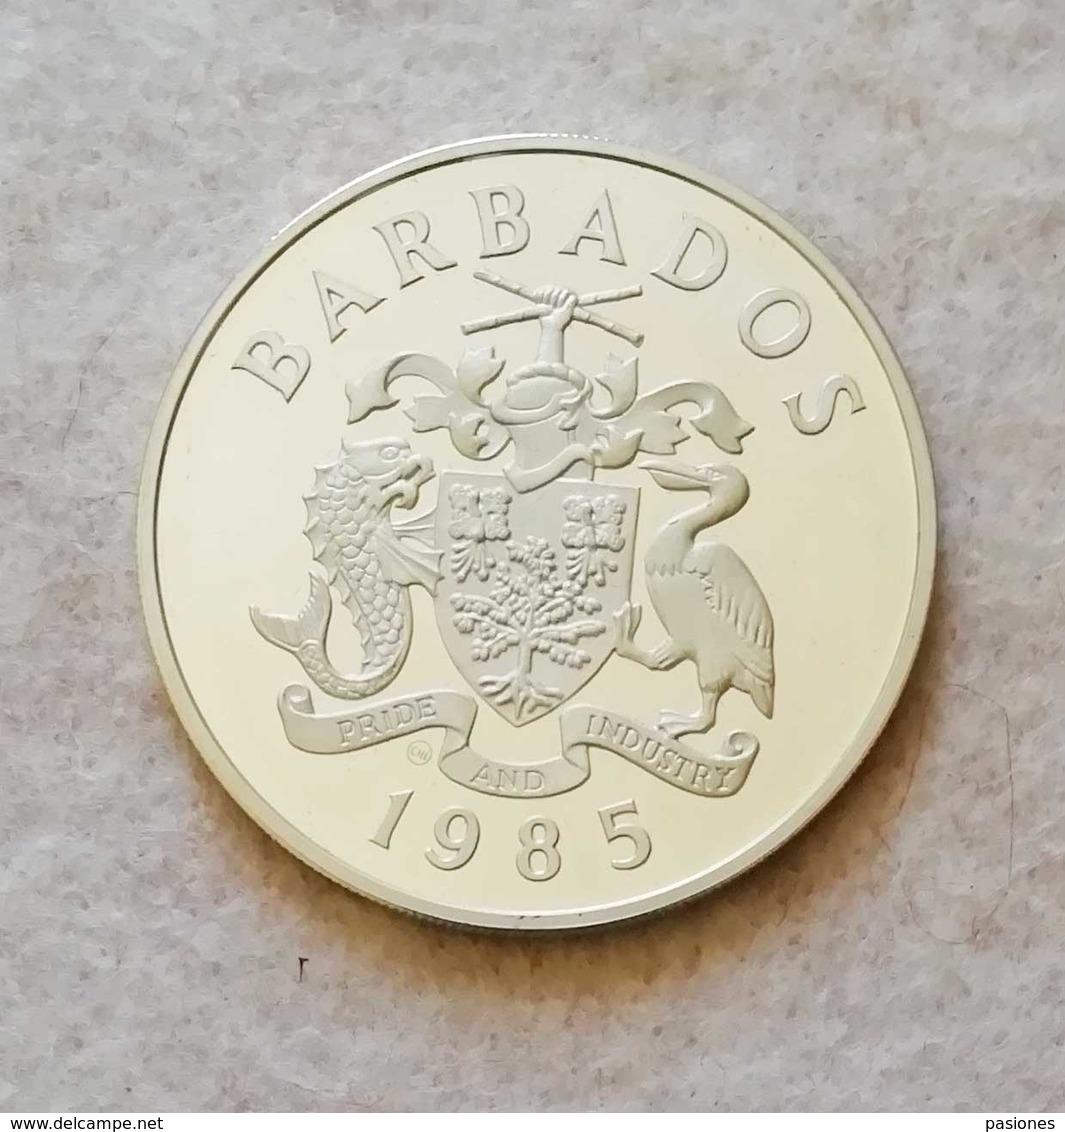 Barbados 20 Dollars 1985 (Argento 925) NC - Barbados